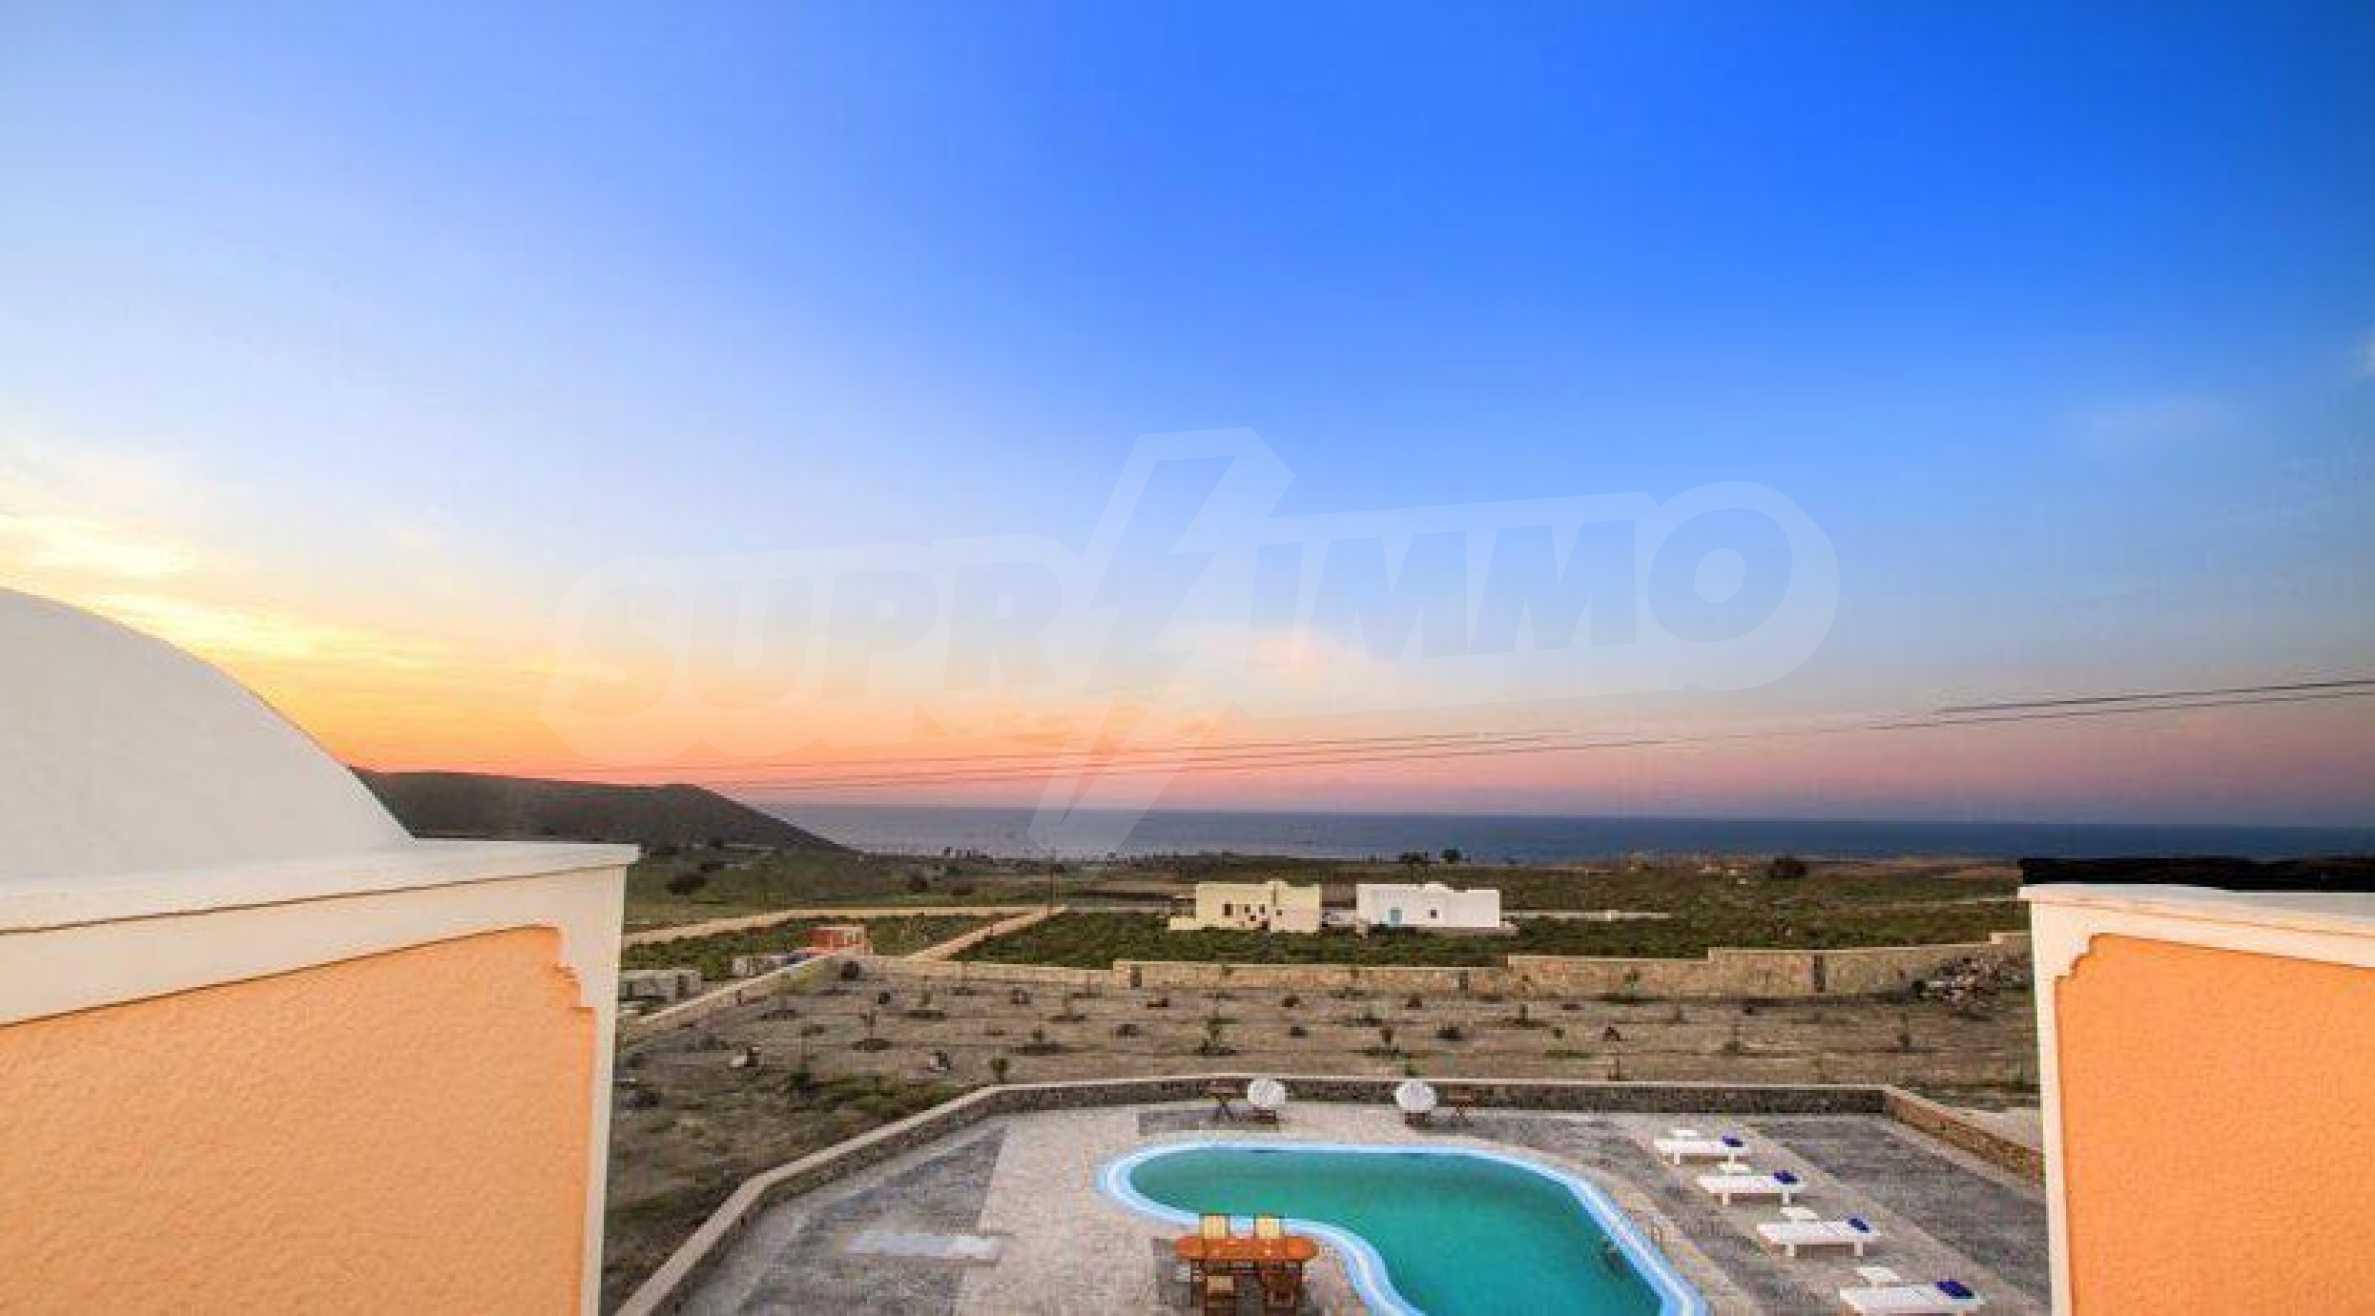 Двуетажна резиденция с открит басейн и изглед към Егейско 20